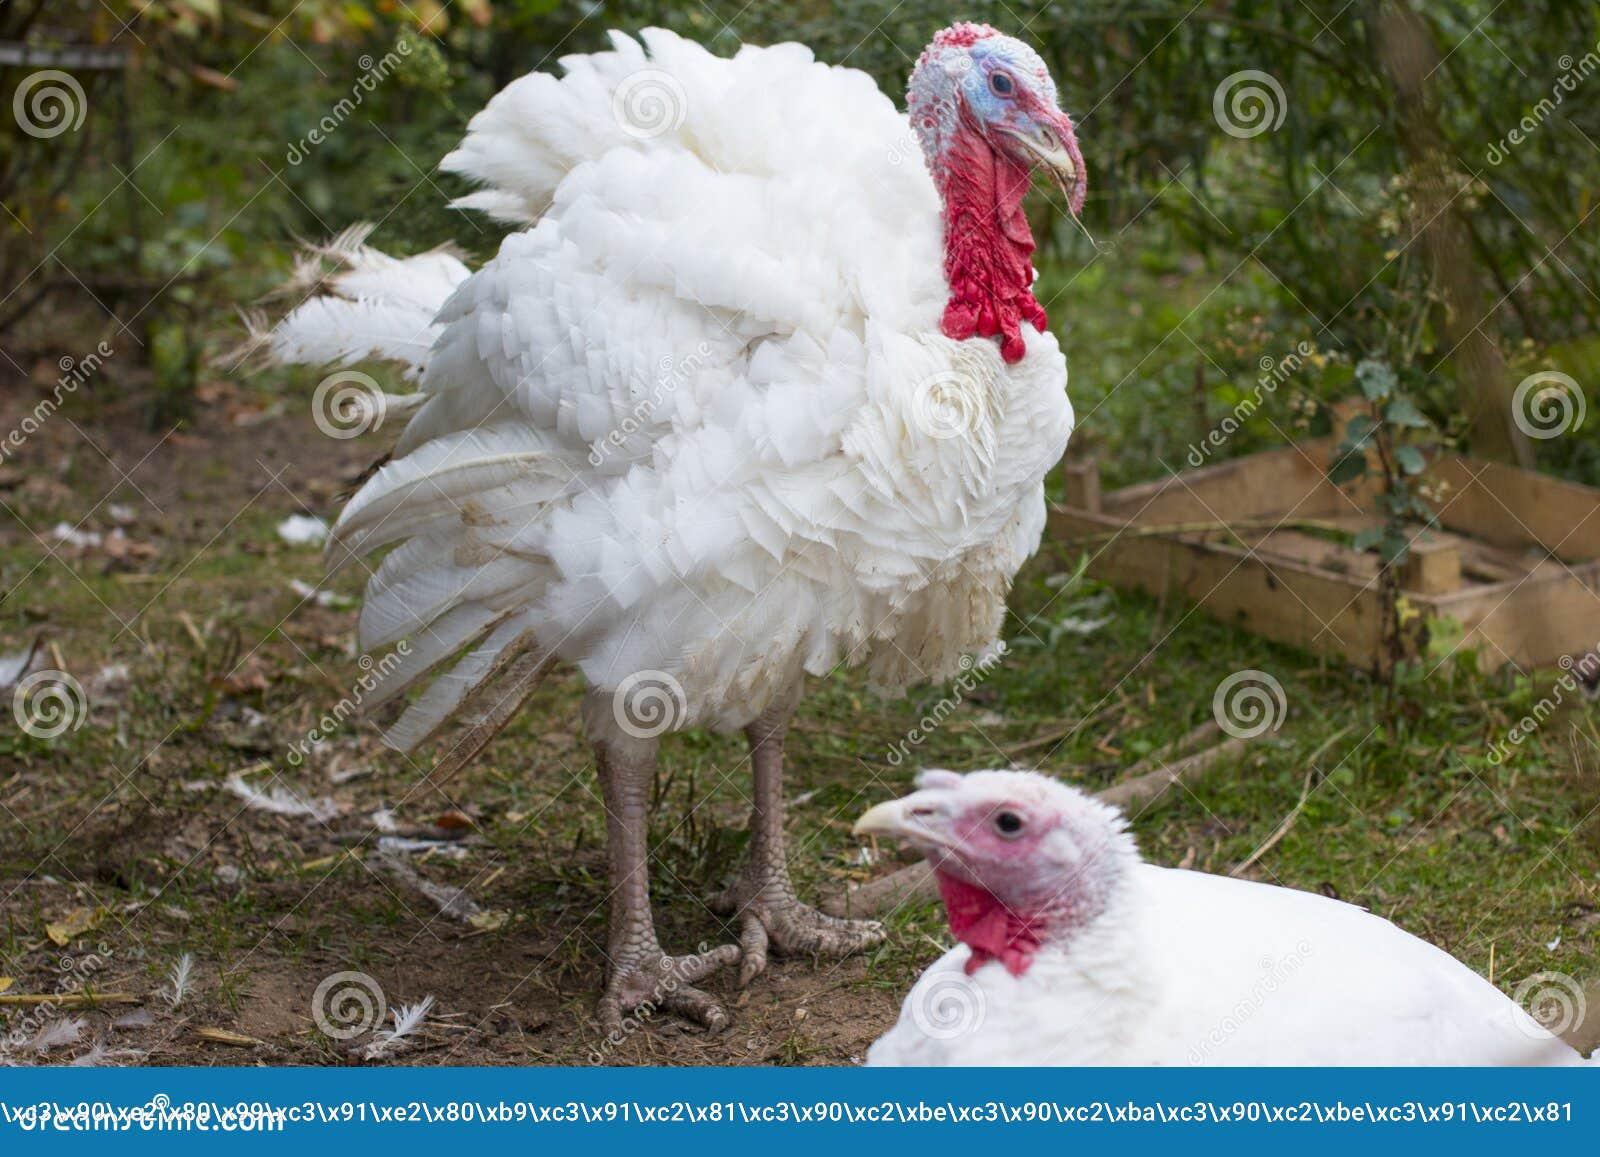 Die Türkei auf einem Bauernhof, züchtende Truthähne